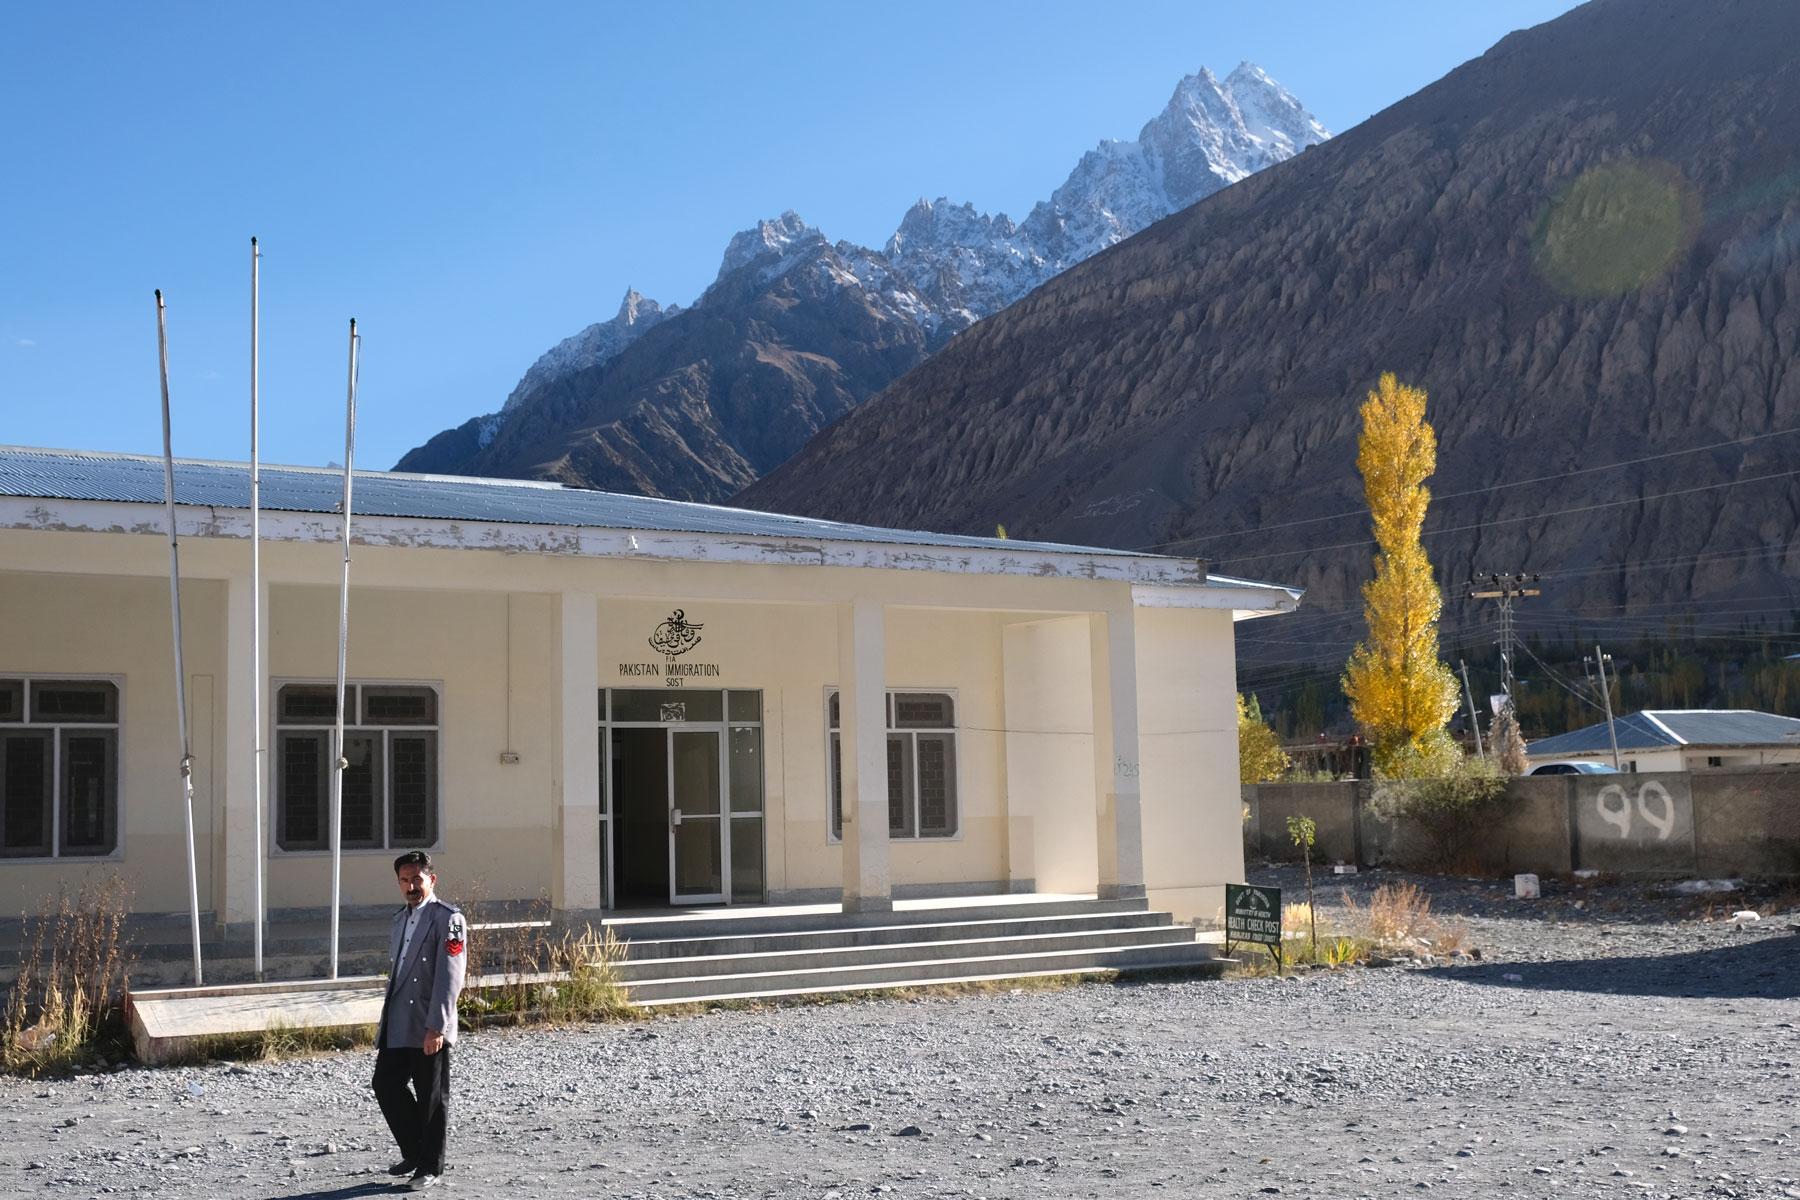 Angekommen in Sost vor dem pakistanischen Einreisegebäude